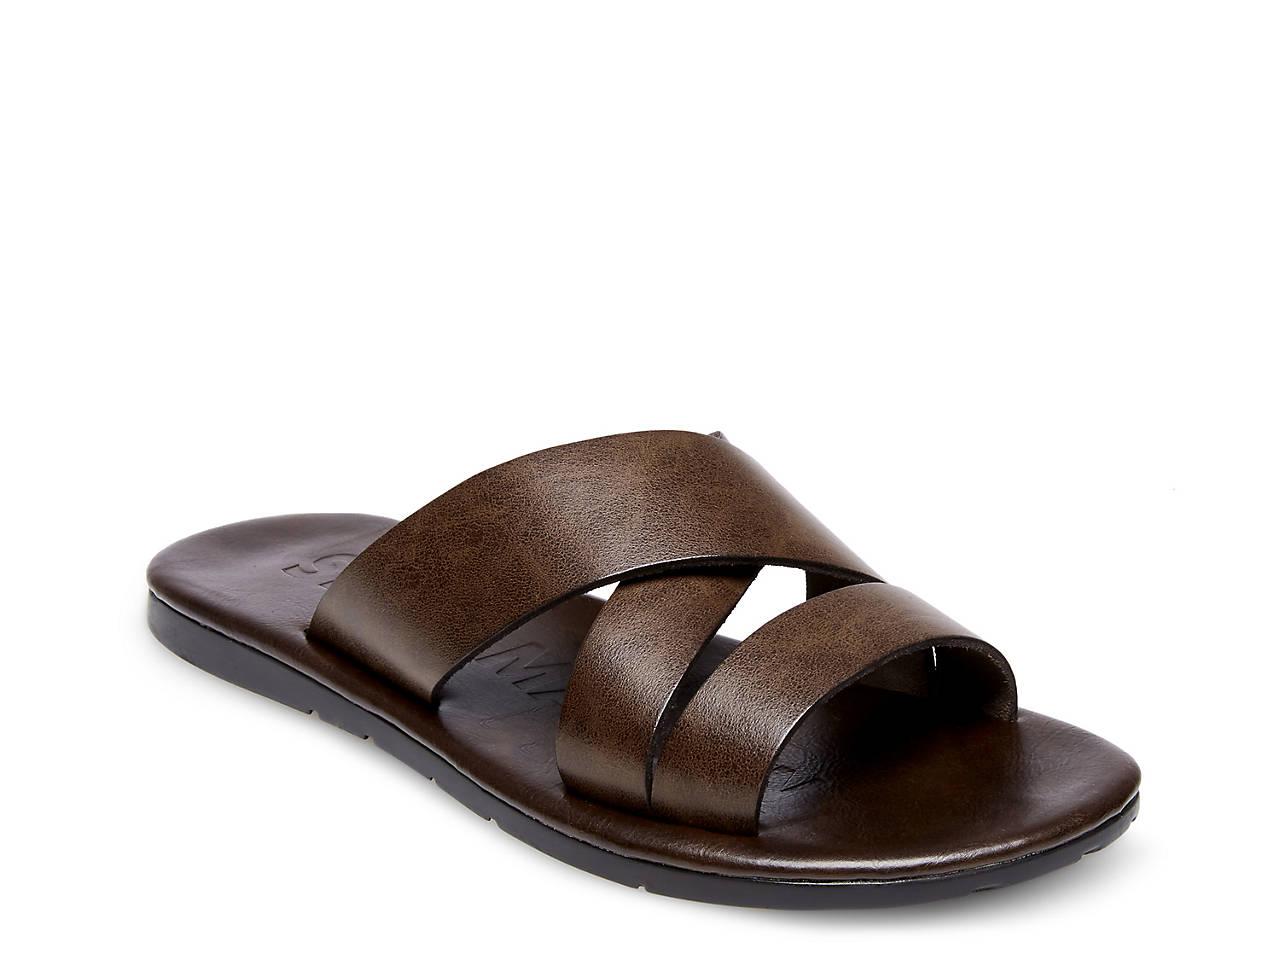 a2a15082cd0 Tinder Slide Sandal